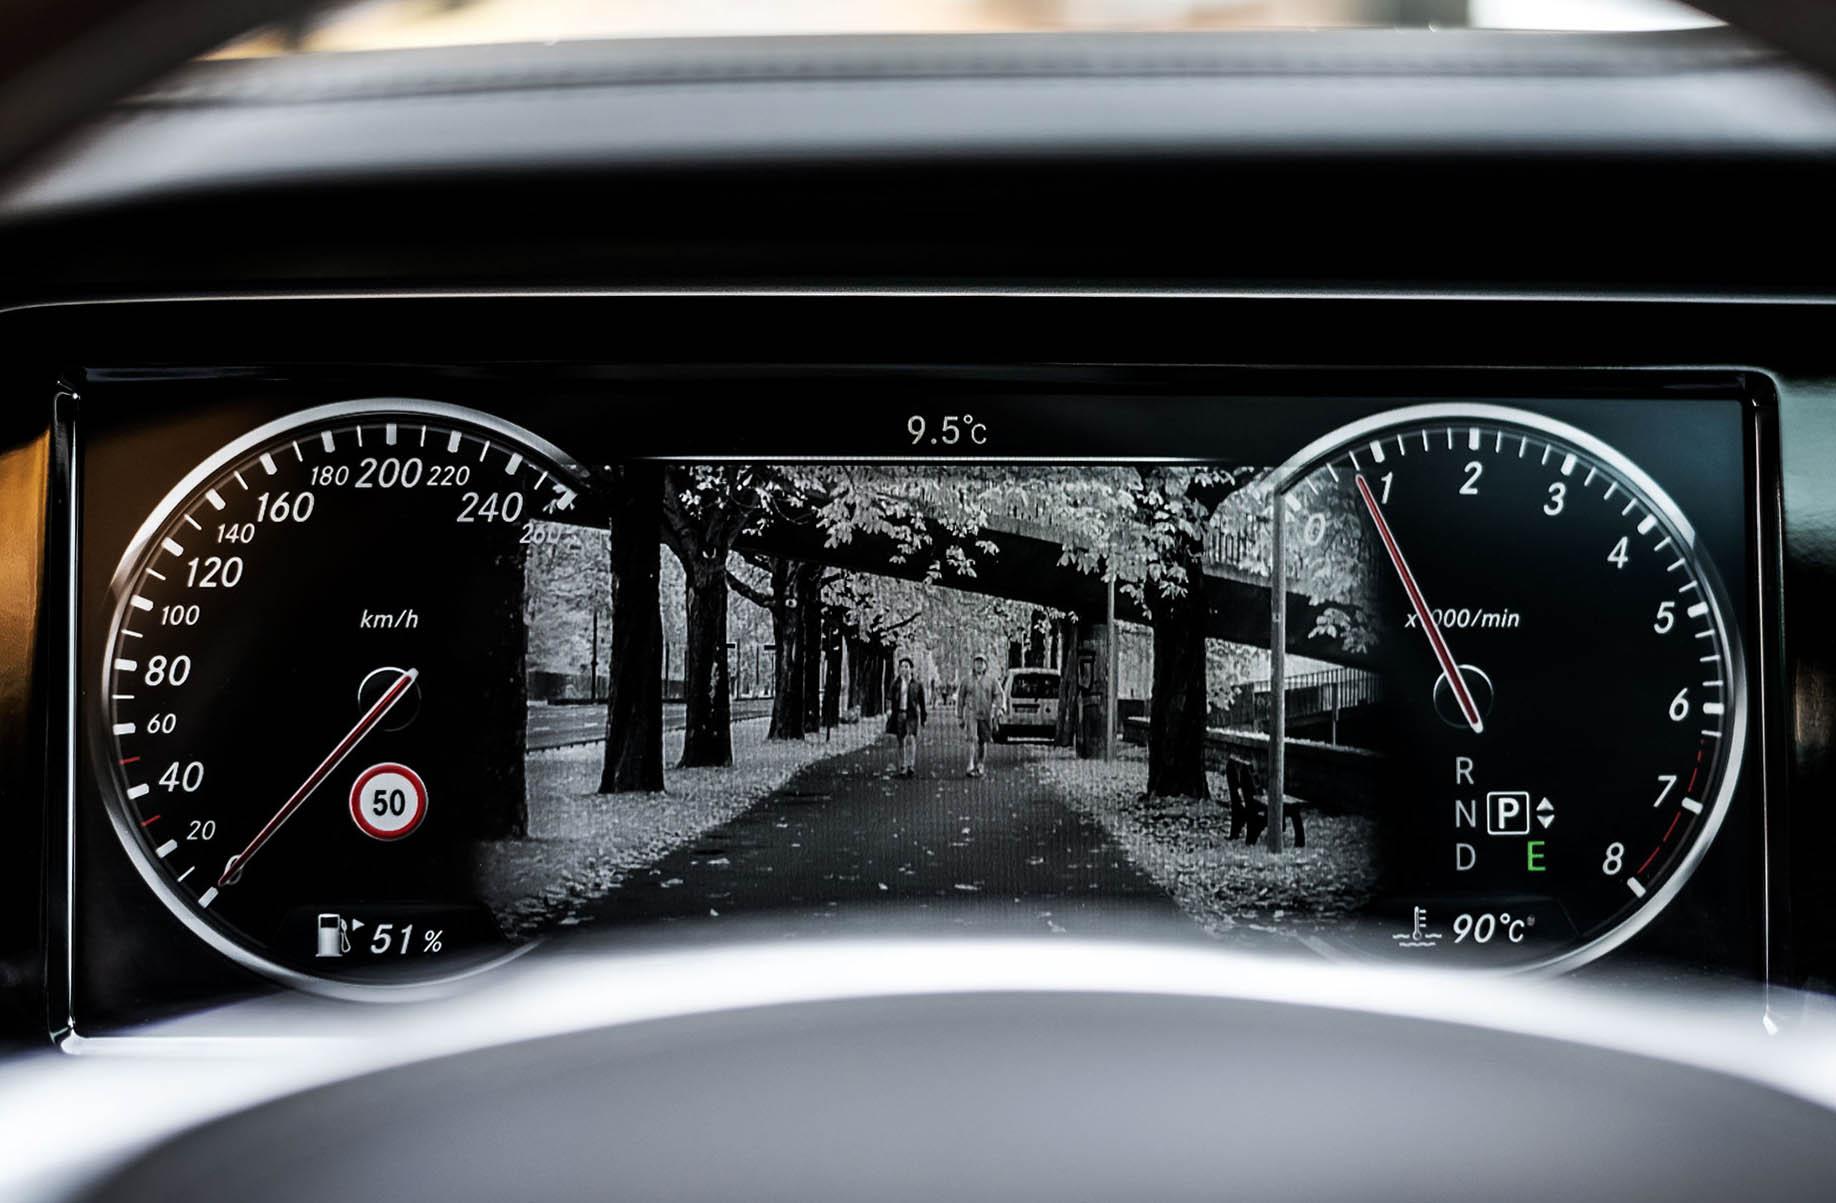 B+K_Sportwagen_Rheinland_GmbH_Mercedes_Benz_Sklasse_500_schwarz_16